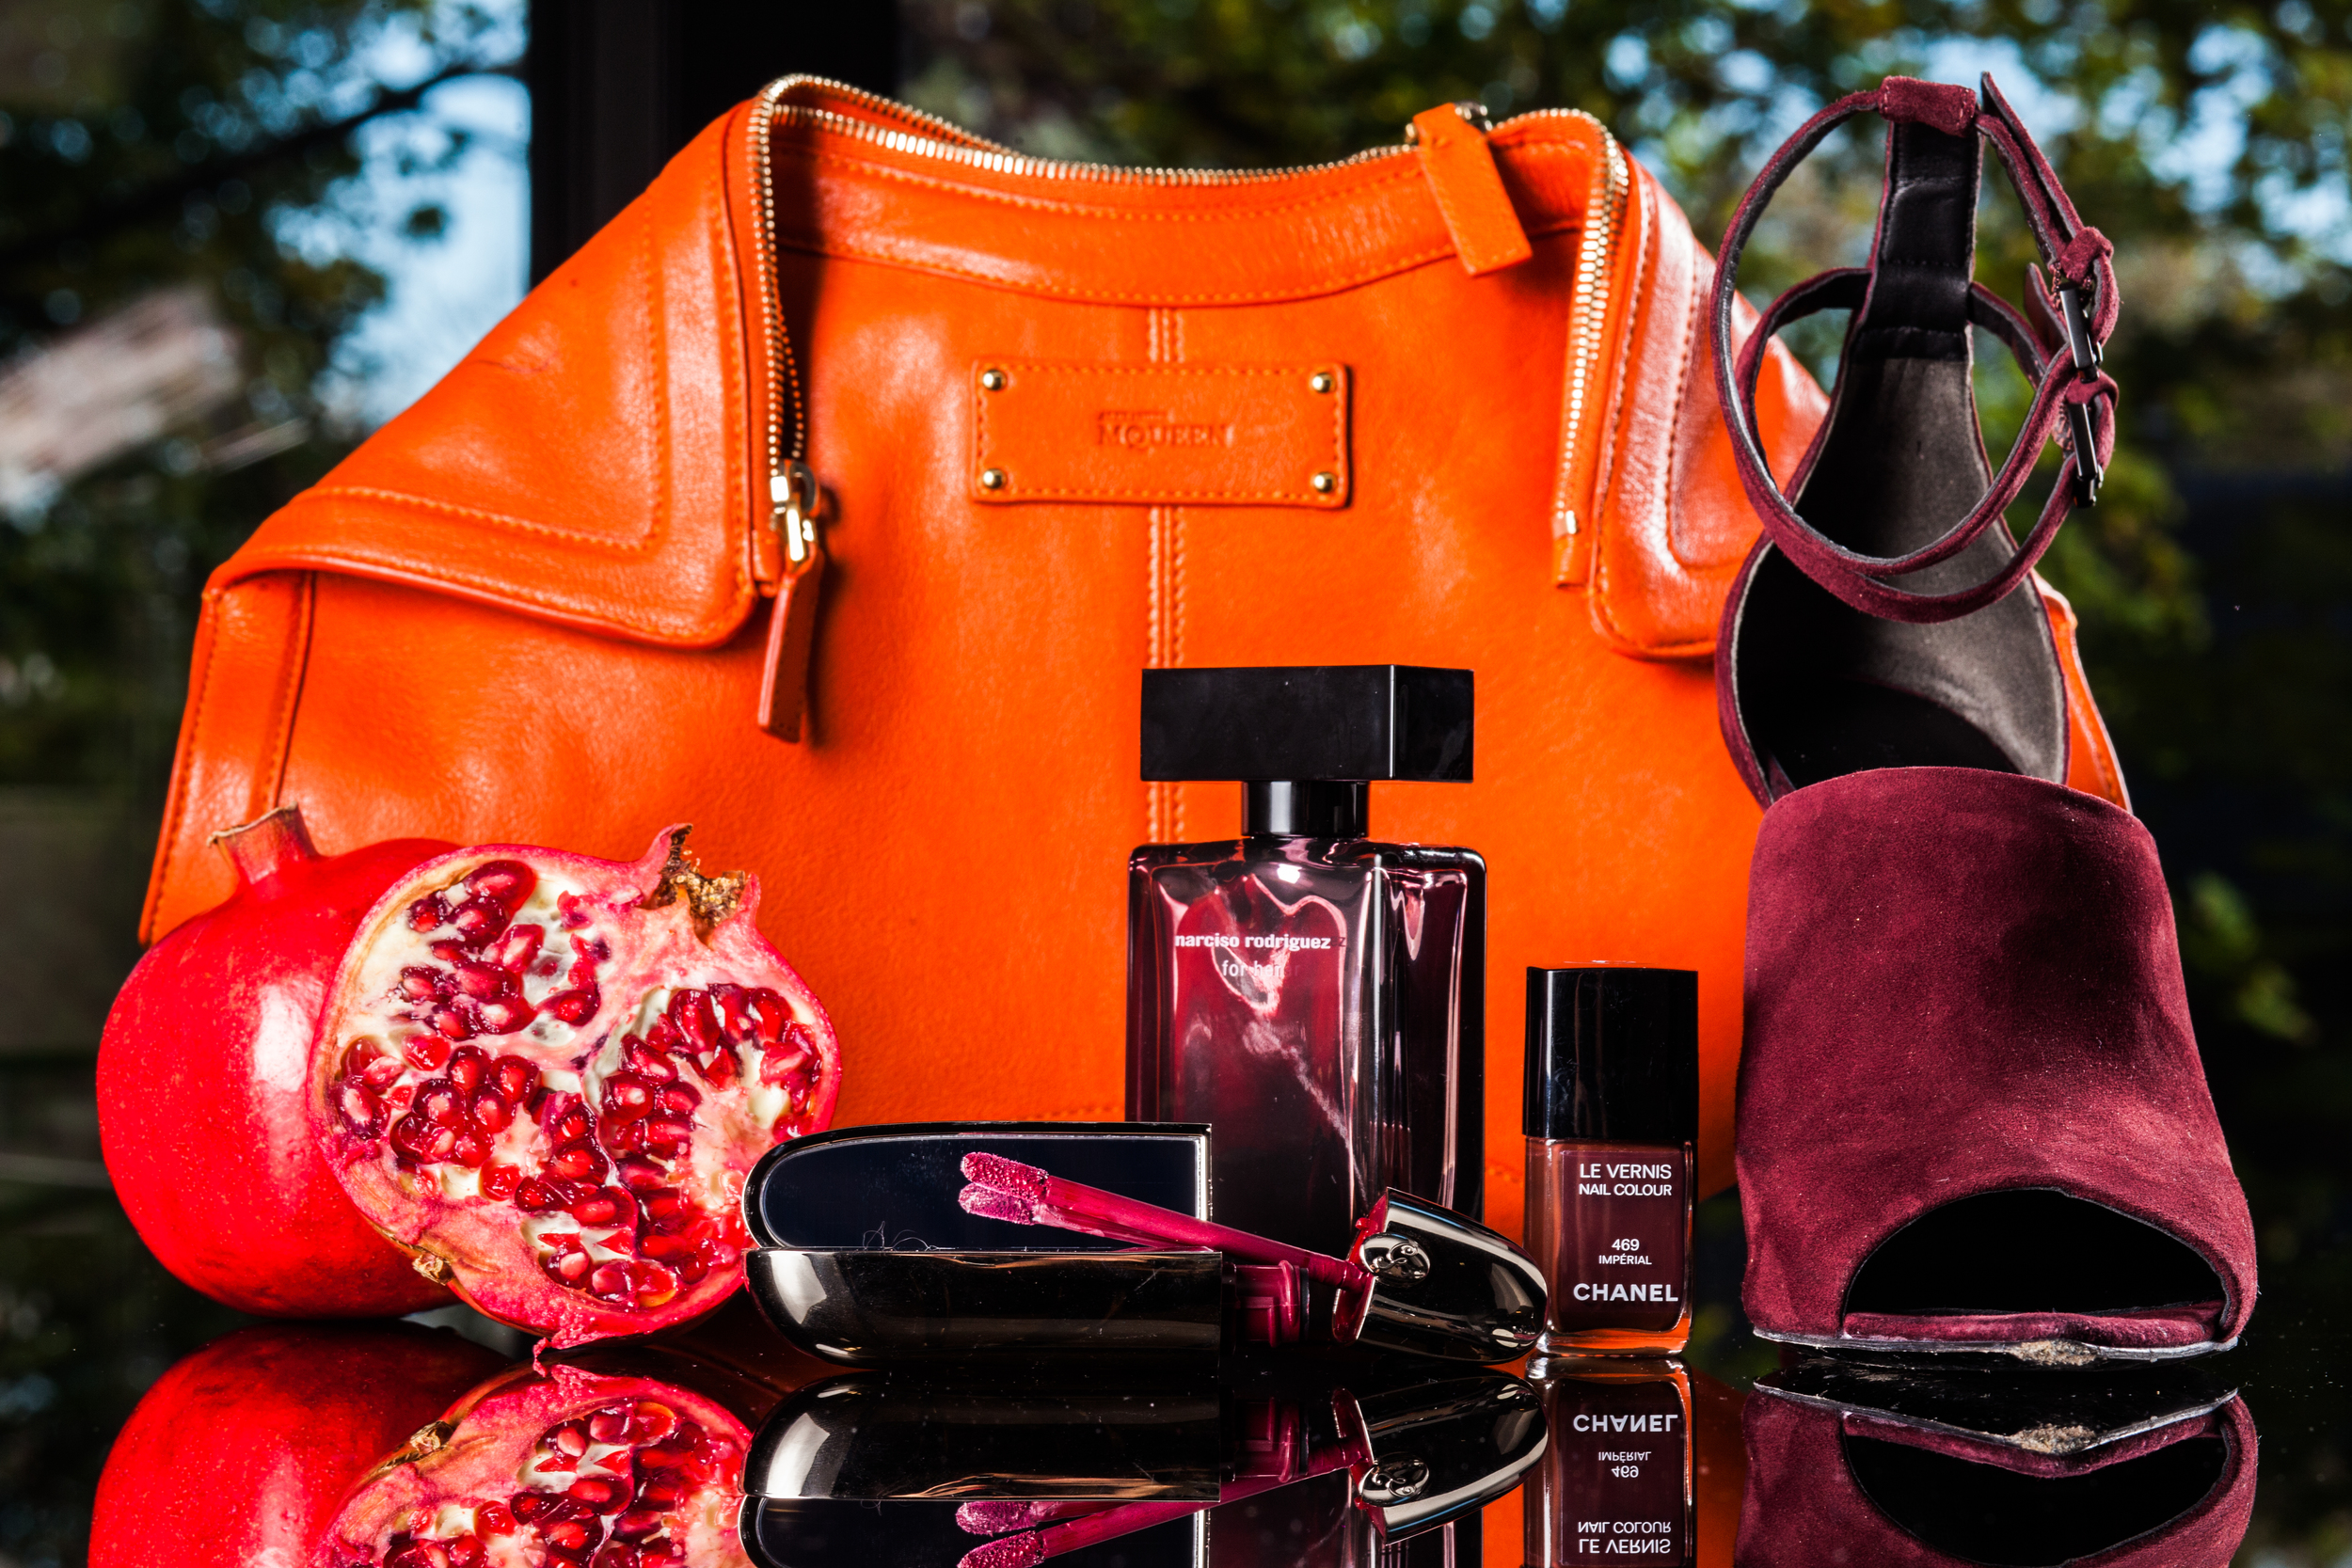 mademoiselle jules mlle alexander mc queen purse orange bag alexander wang sandals